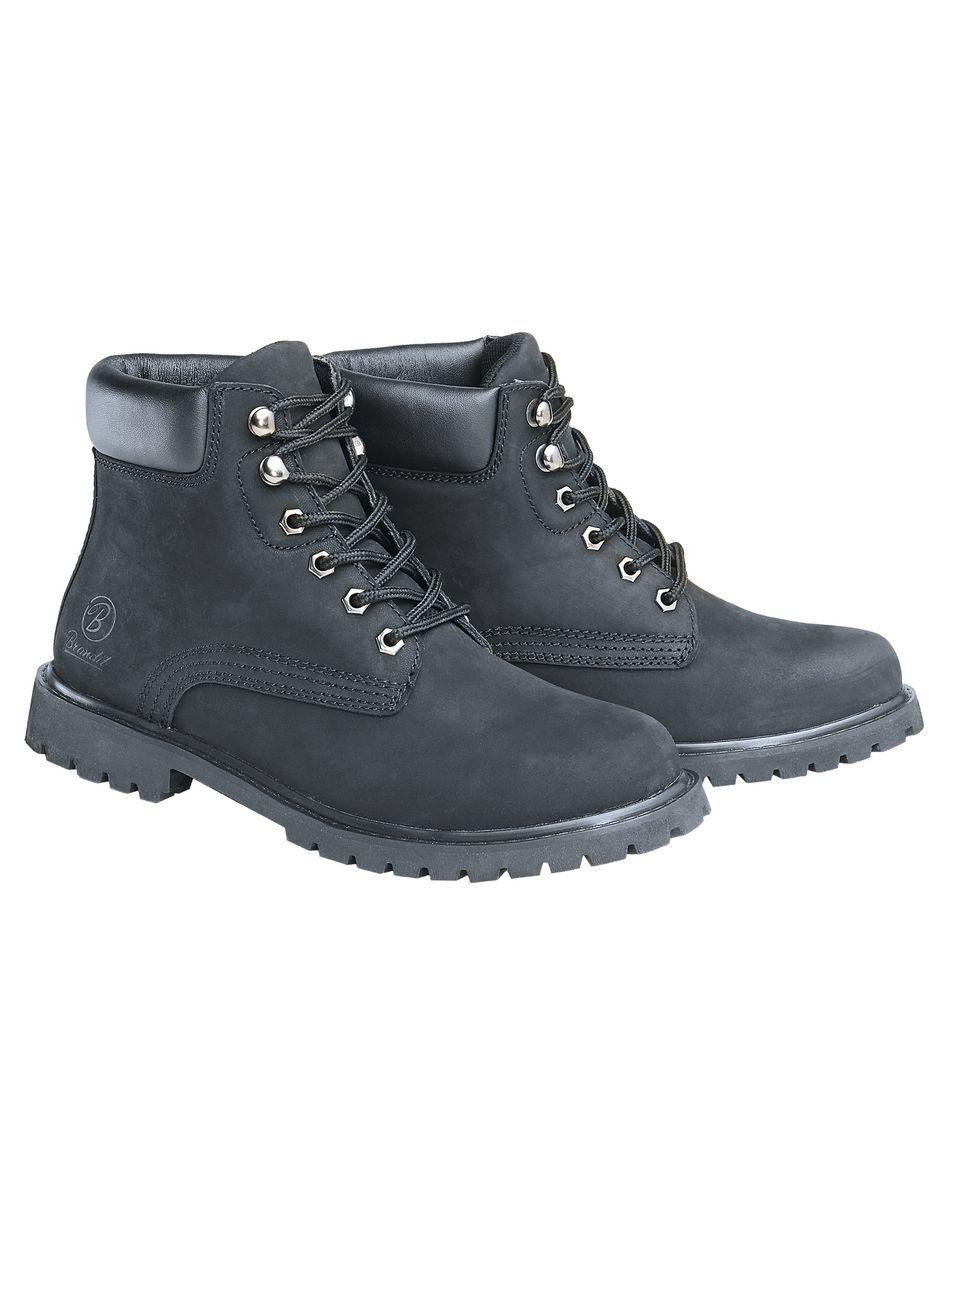 Billig gute Qualität Brandit Herren Schnürstiefel Kenyon Boots